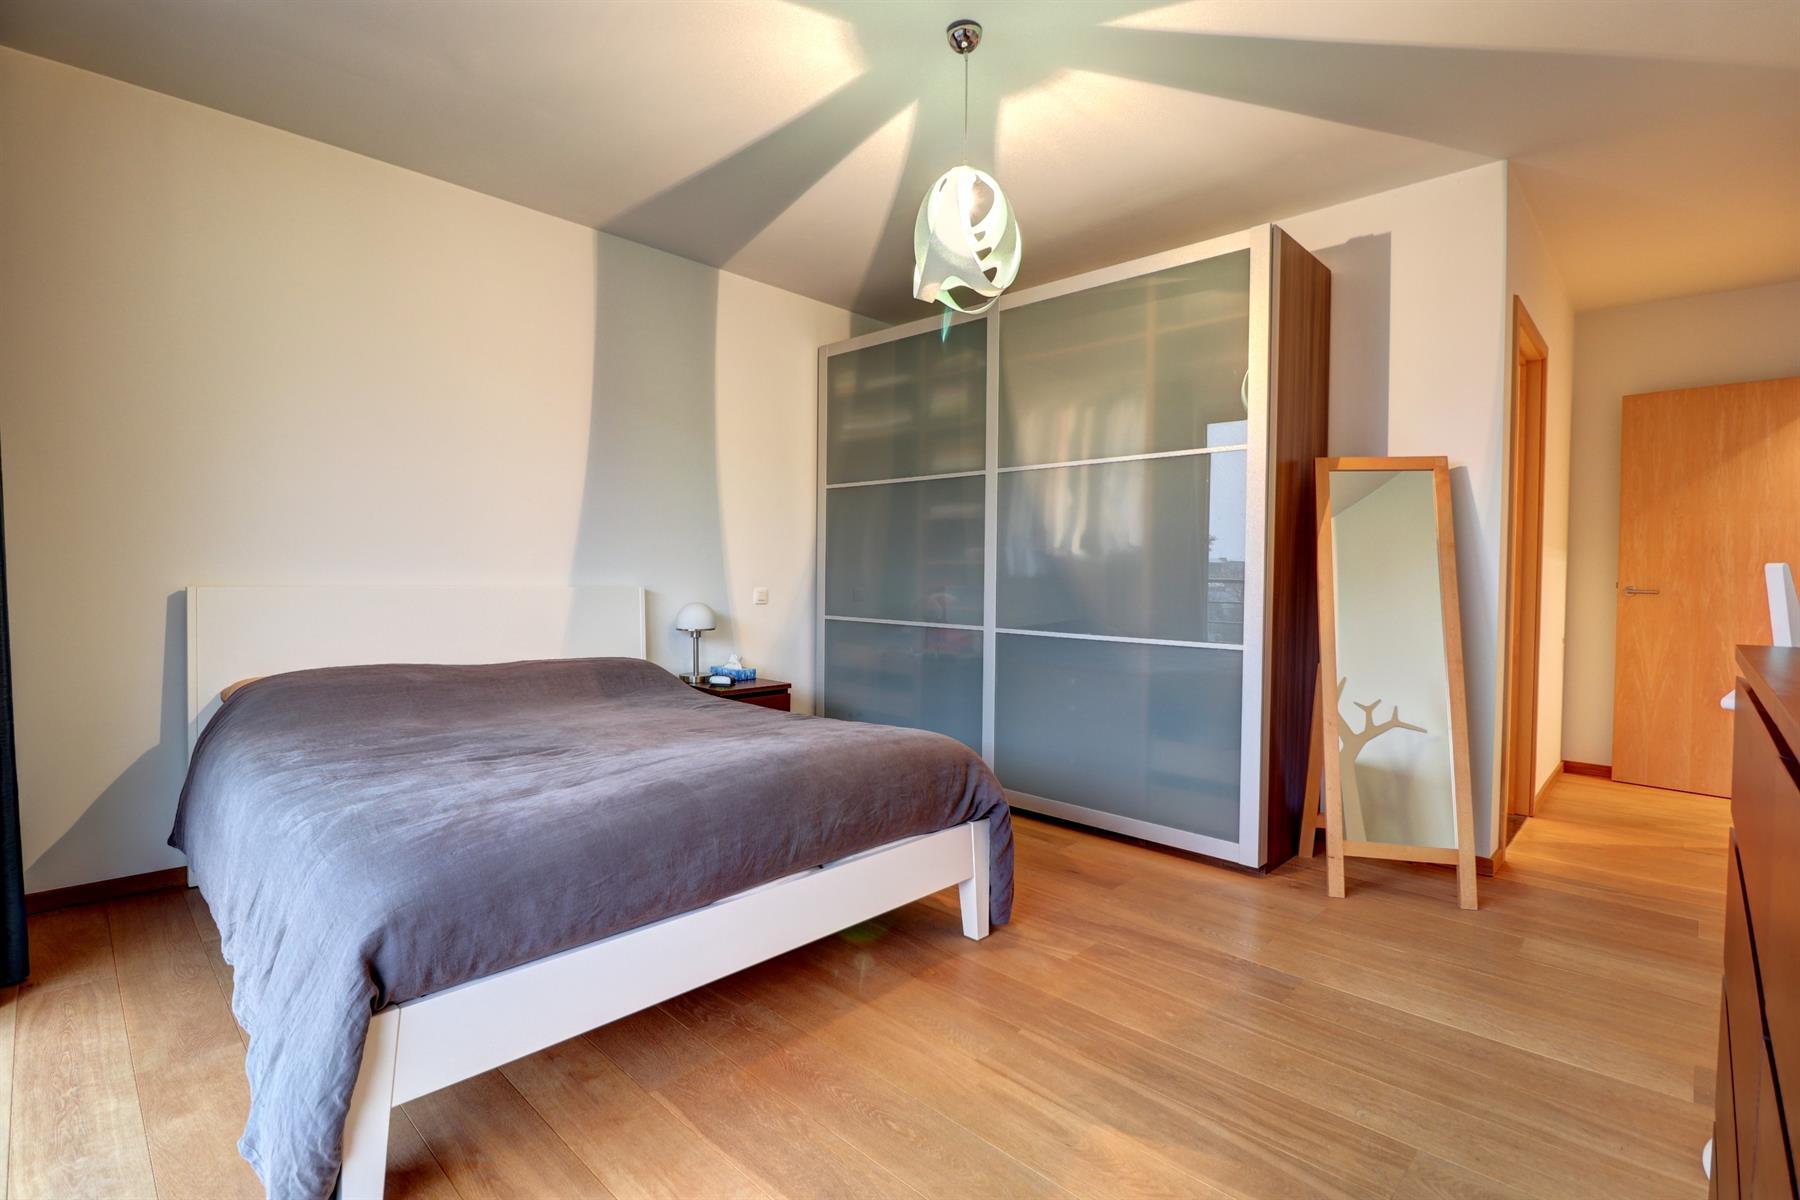 Flat - Ixelles - #4225896-25